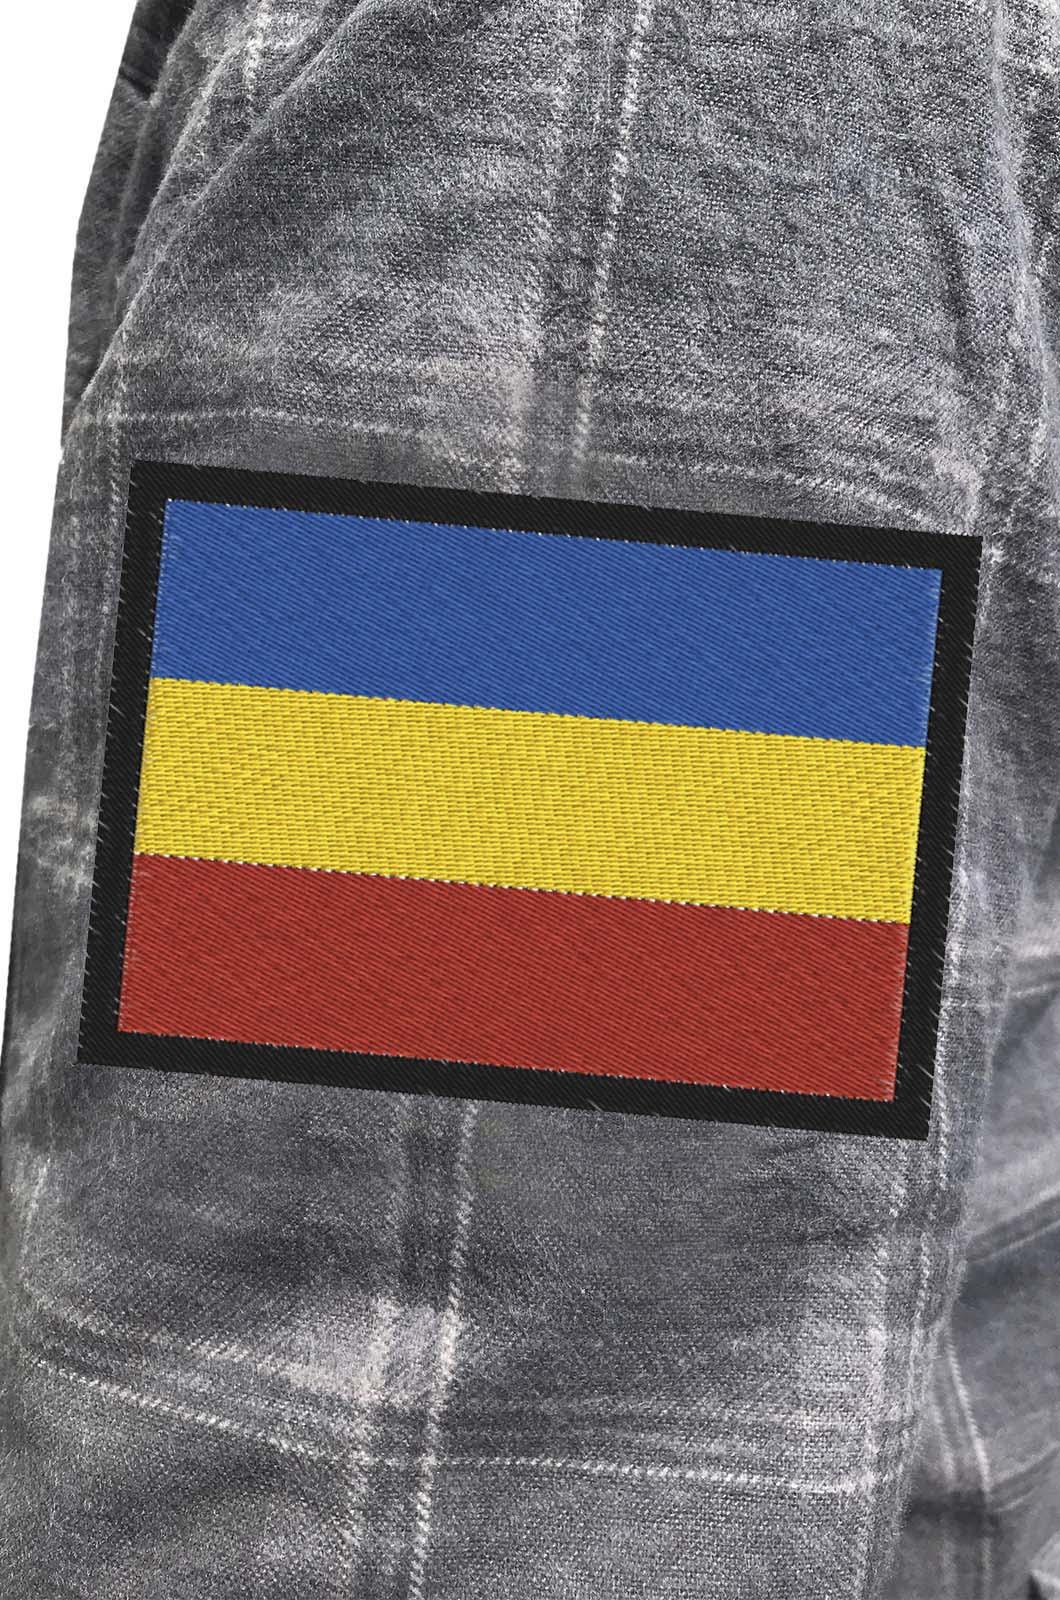 Строгая мужская рубашка с вышитым шевроном Казачий Флаг - купить в Военпро